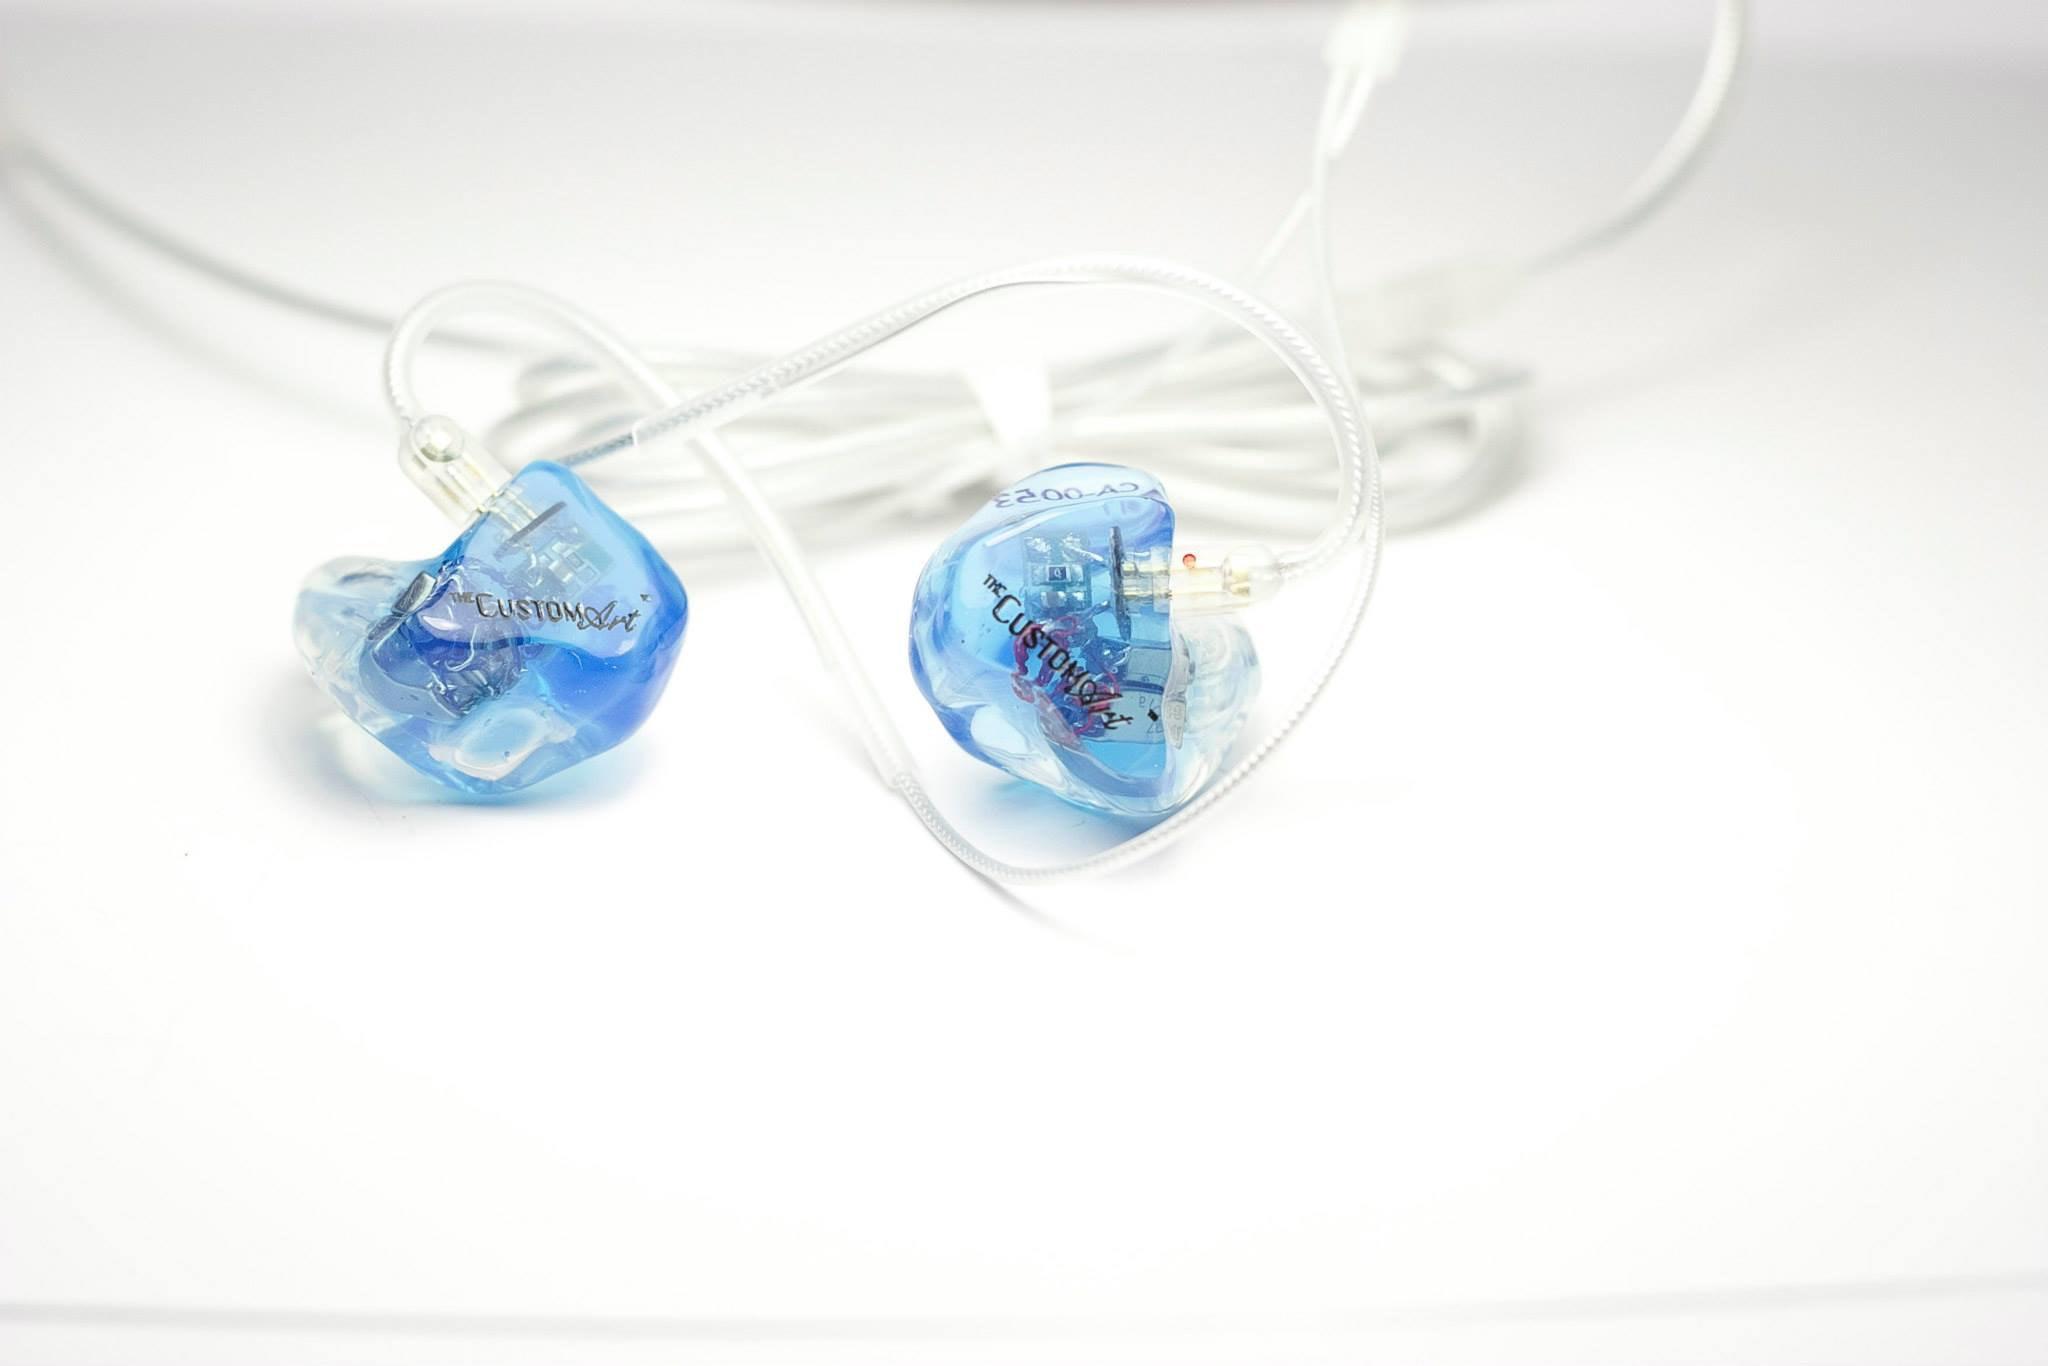 CustomArt Pro 330v2